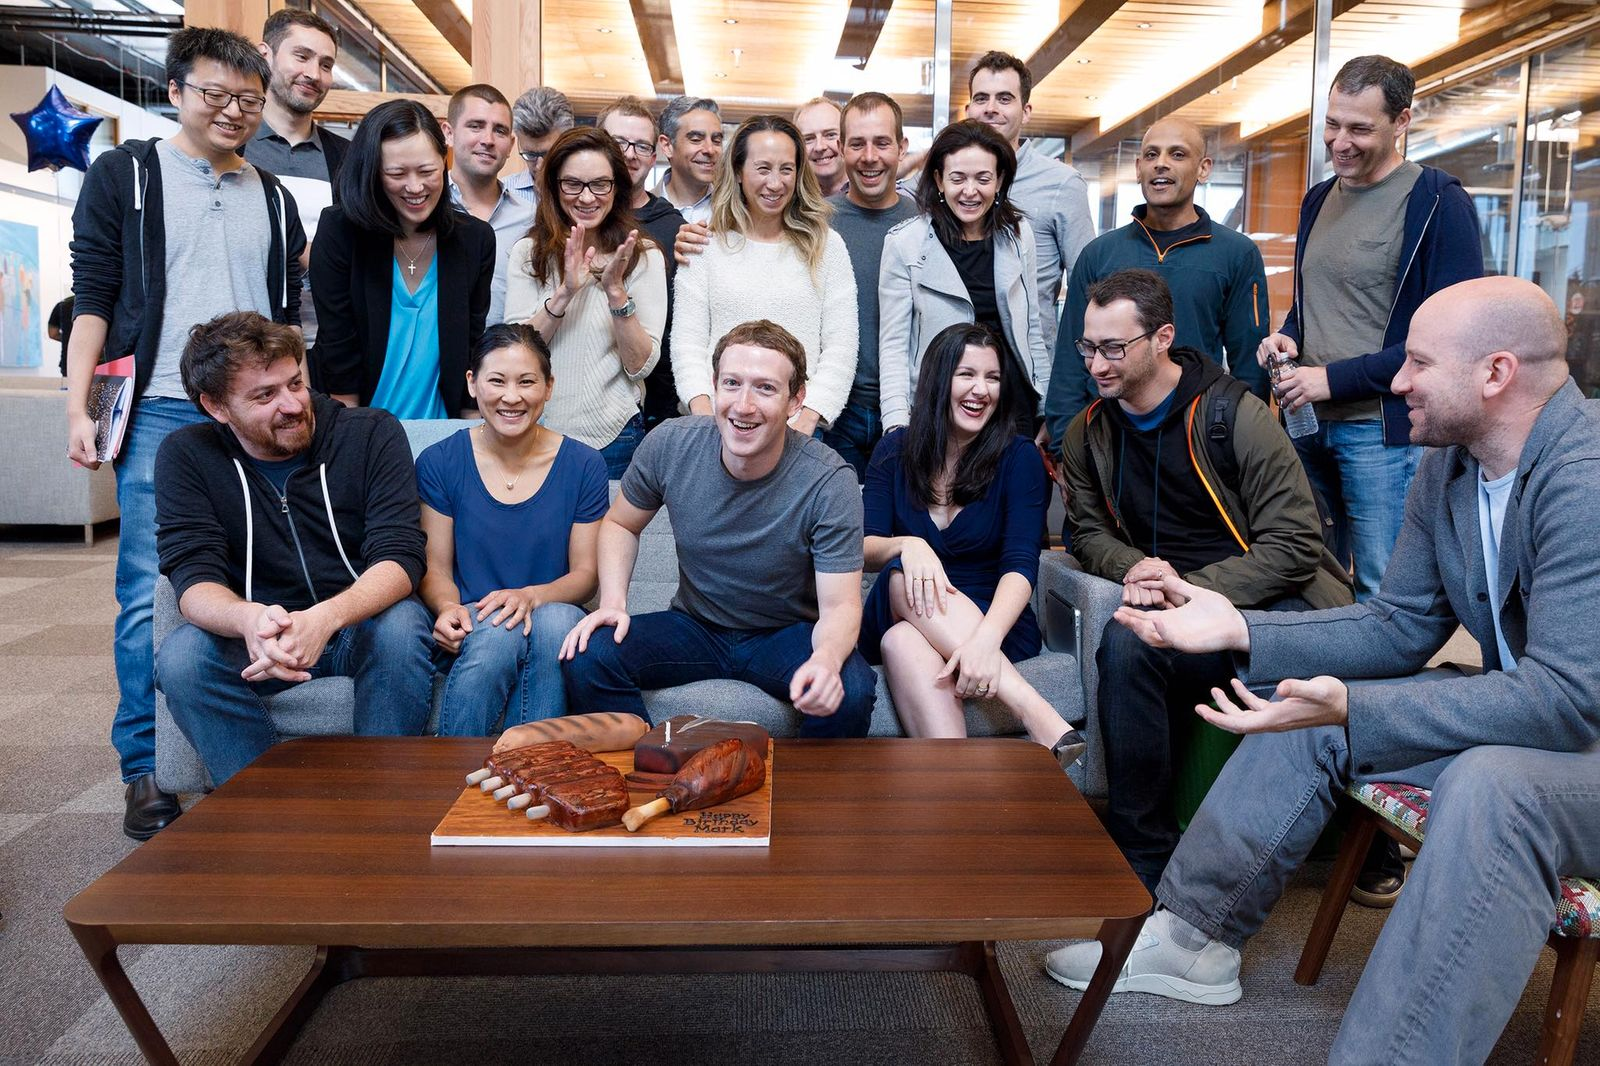 EINMALIGE VERWENDUNG Facebook / Zuckerberg / Sanberg etc.